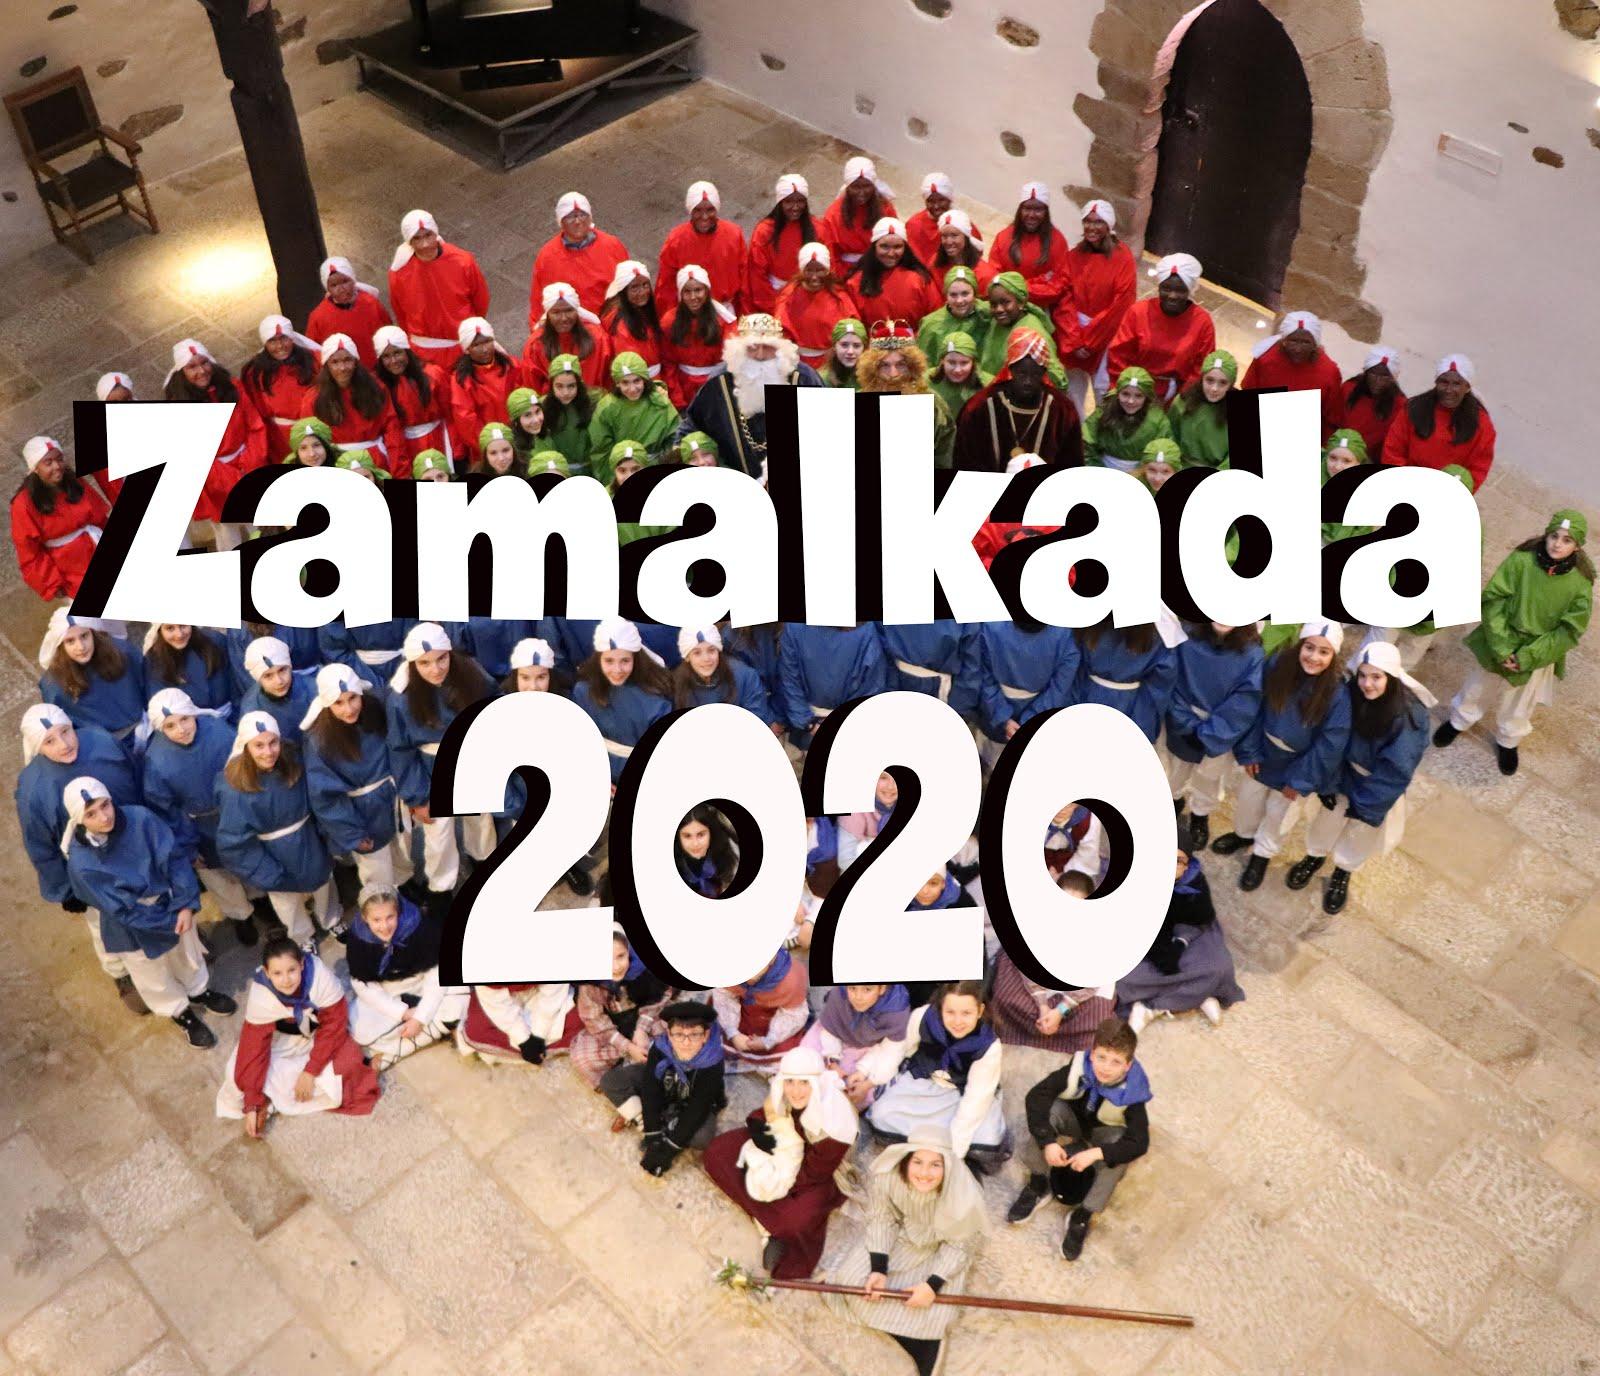 Zamalkada 2020